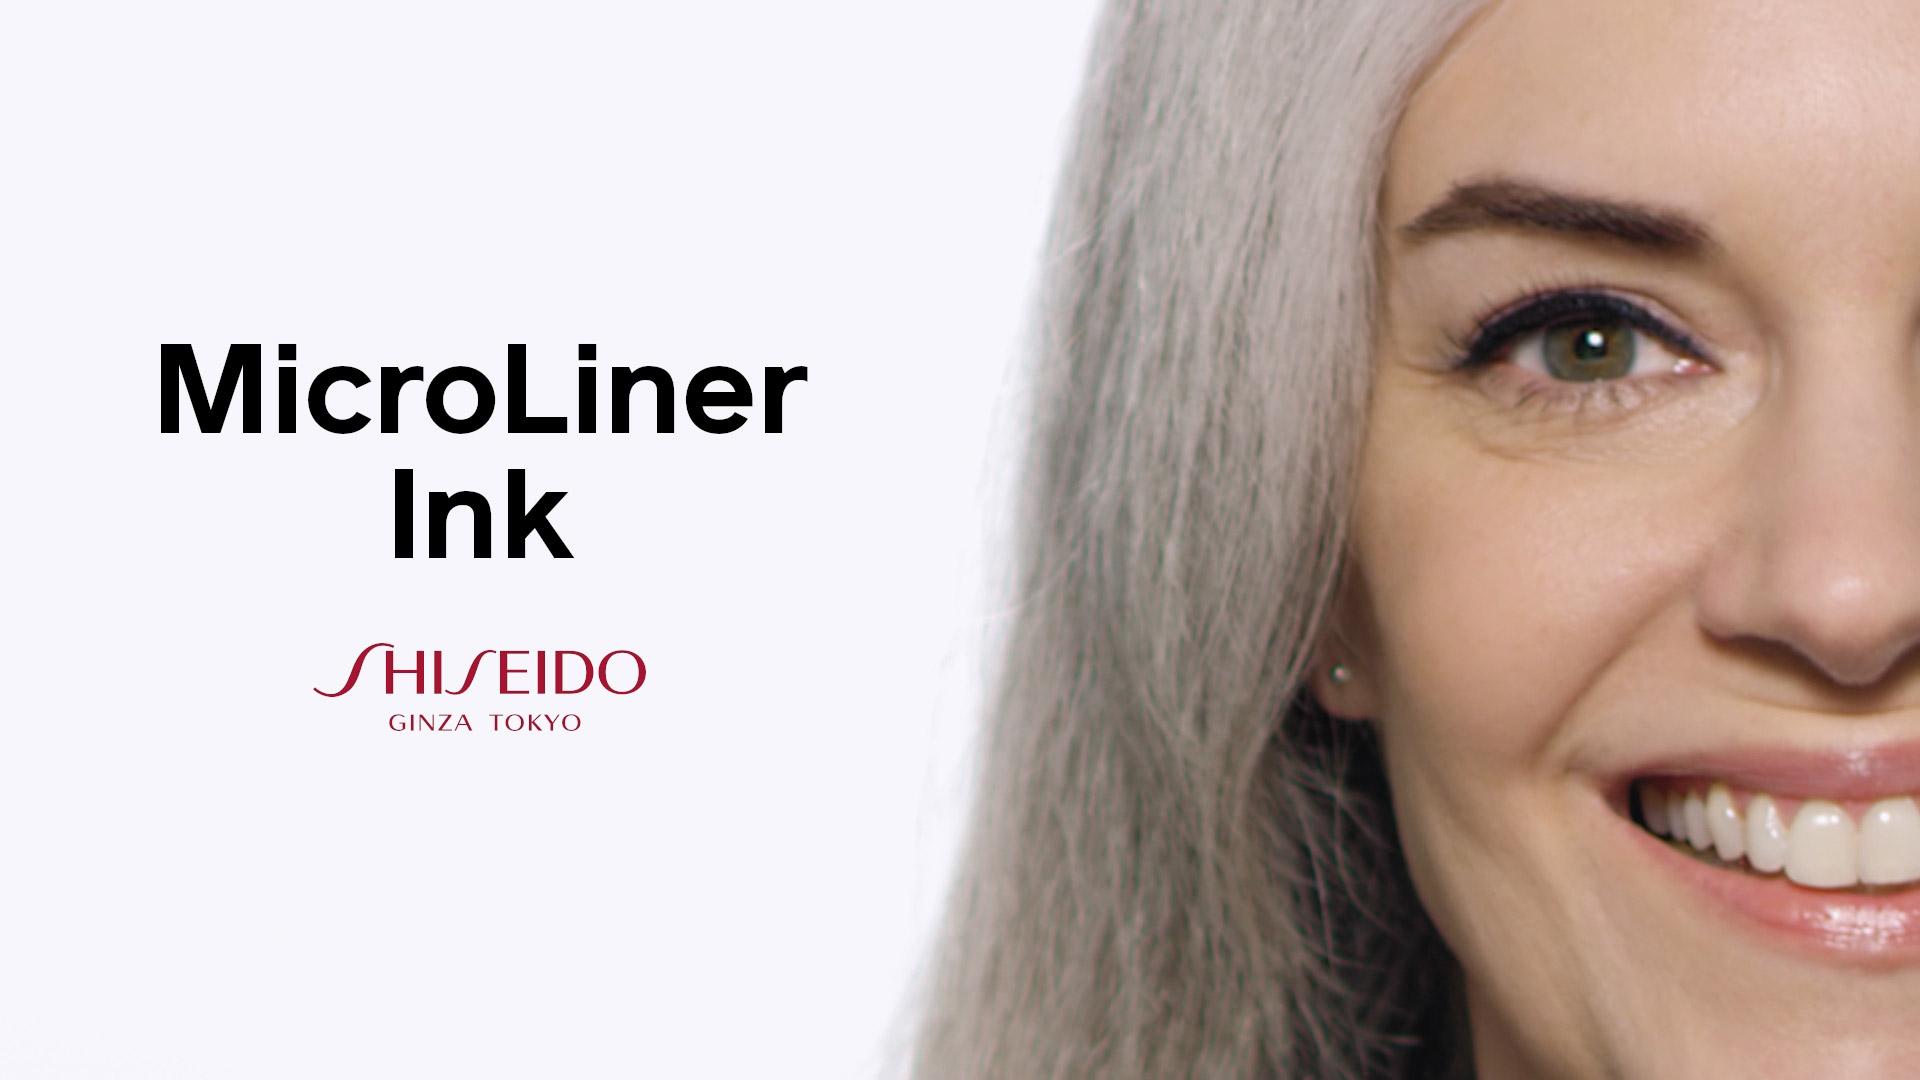 MicroLiner Ink